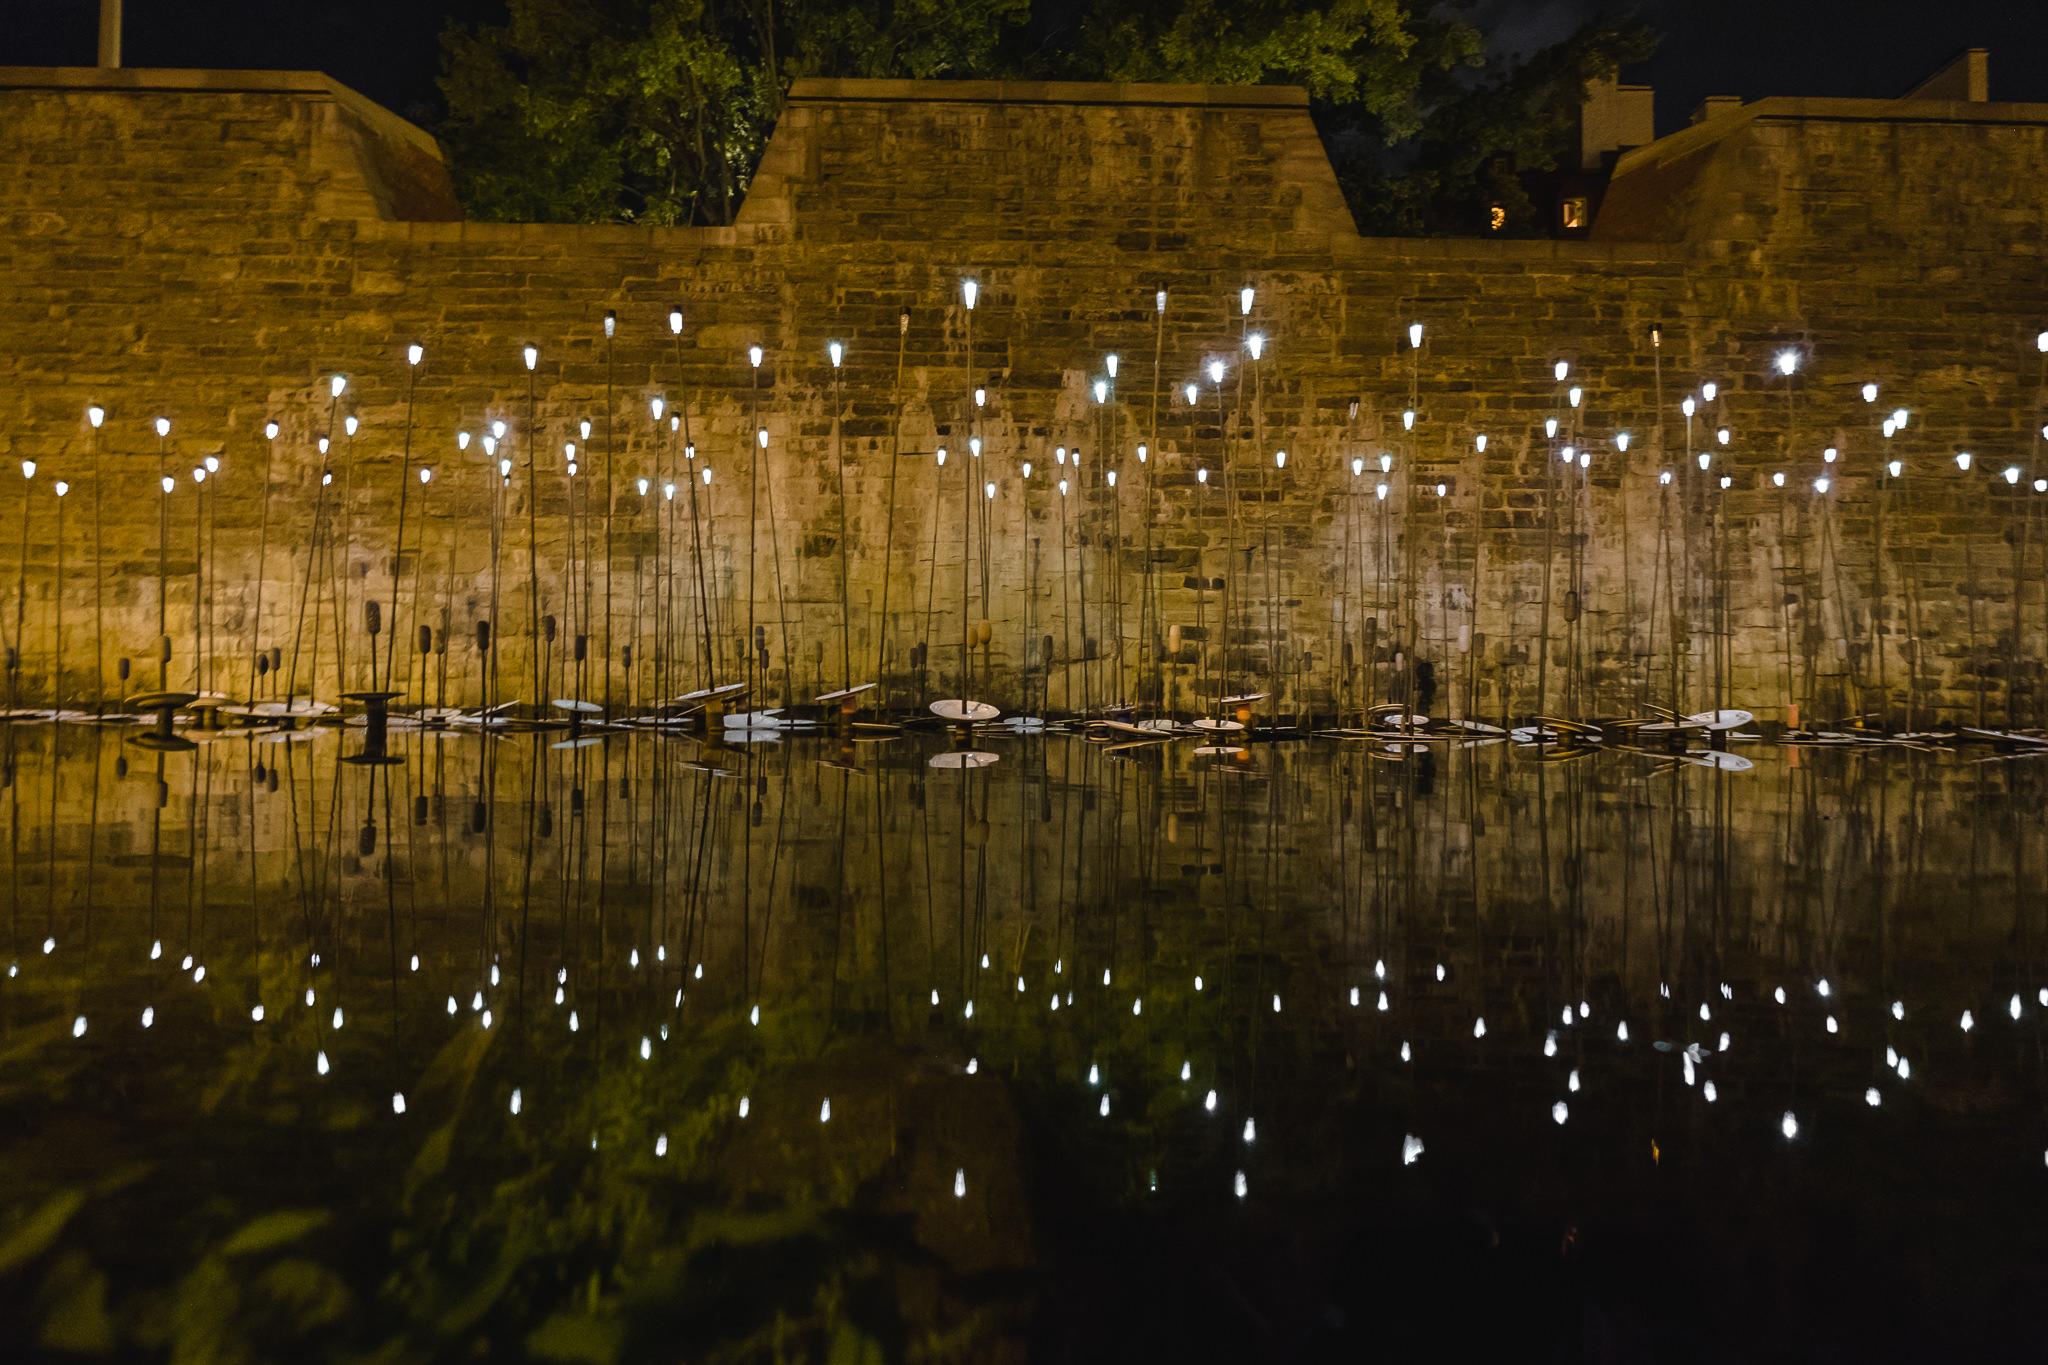 vigjy_water flowers night_cr_Stephane_Bourgeois.jpg